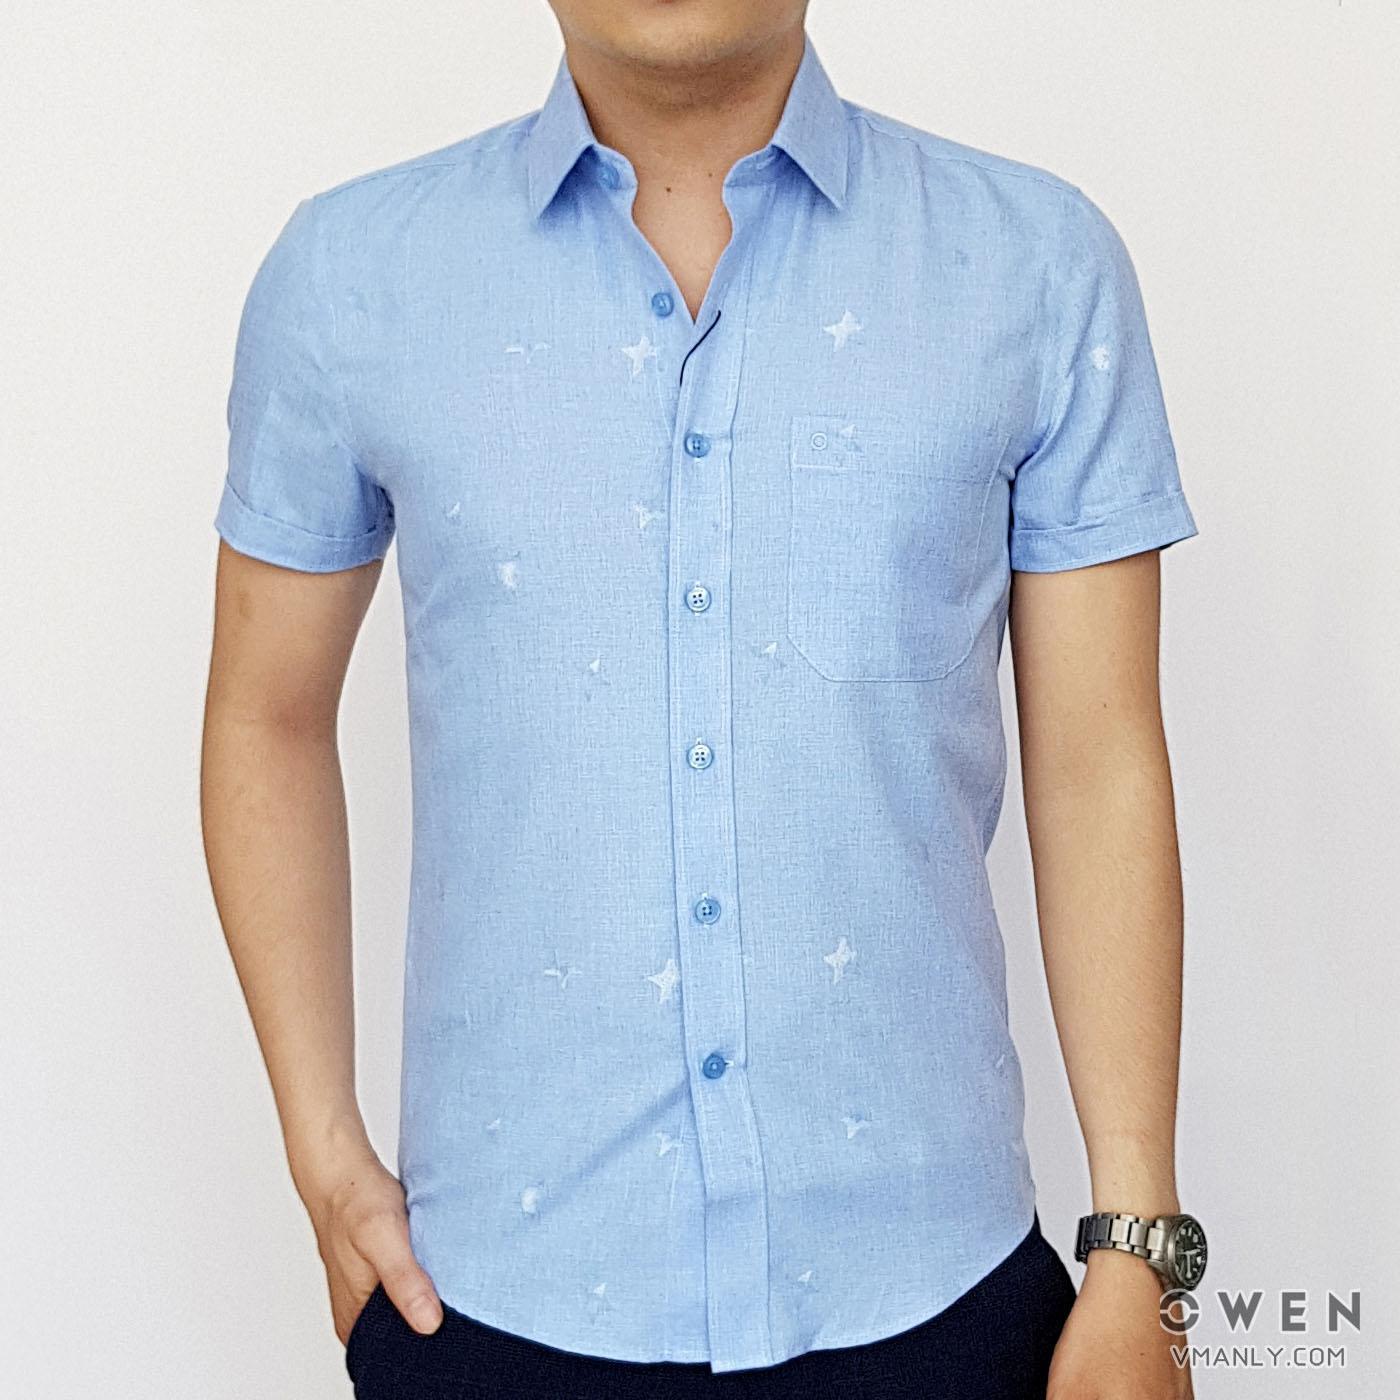 Áo sơ mi nam ngắn tay Owen màu xanh hoa văn AS90545N